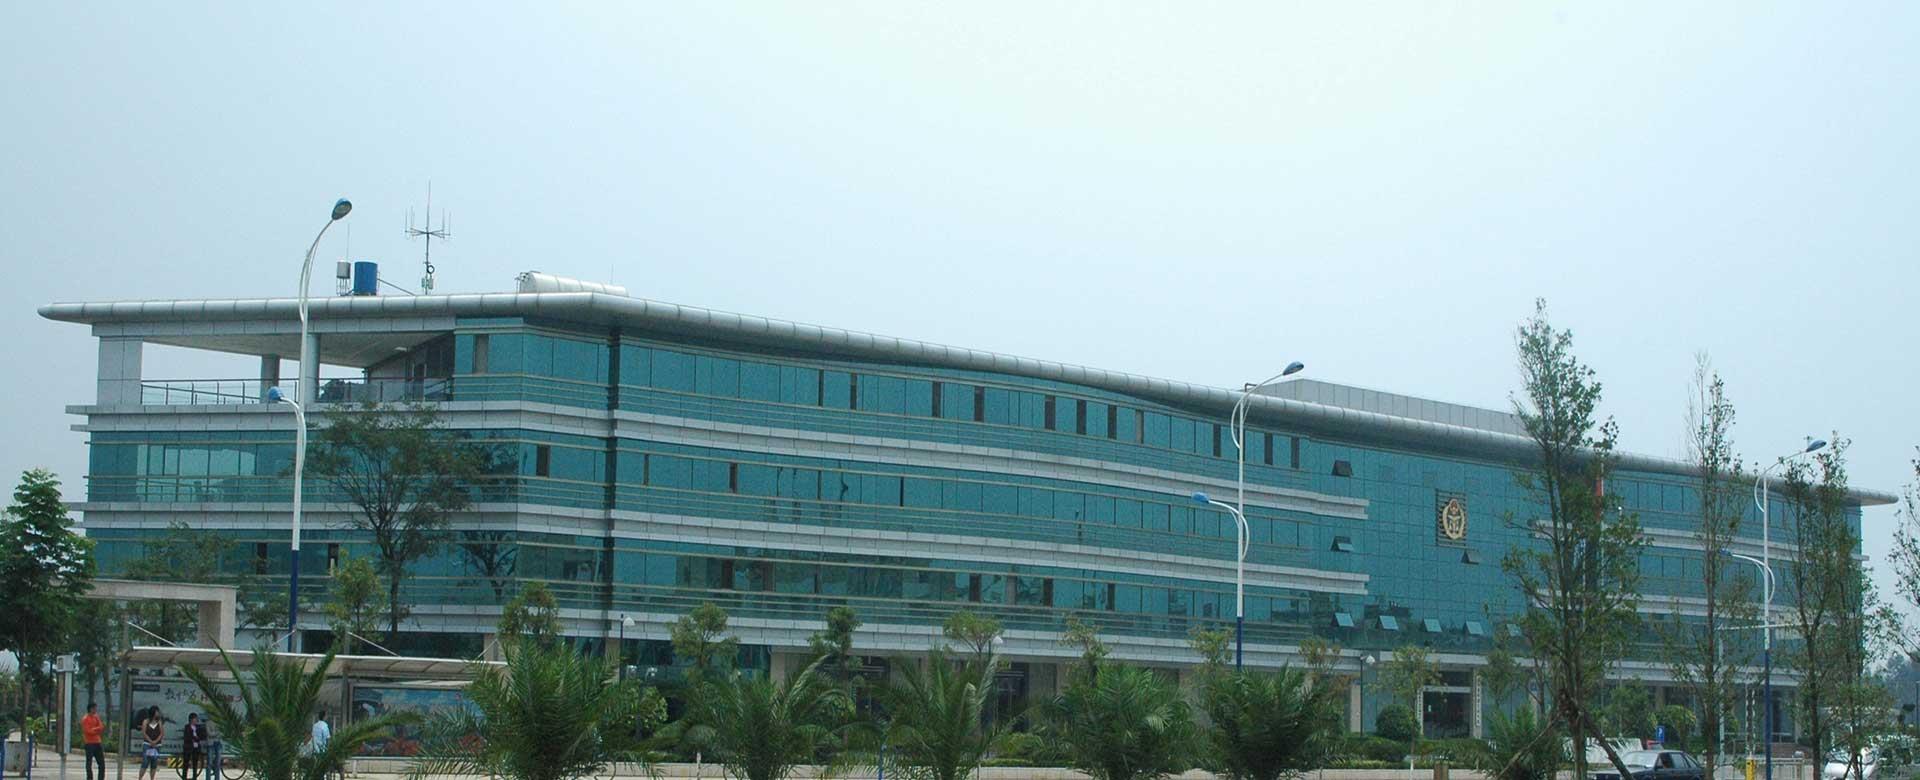 云南省标准化信息特种设备安全性检测科研大楼